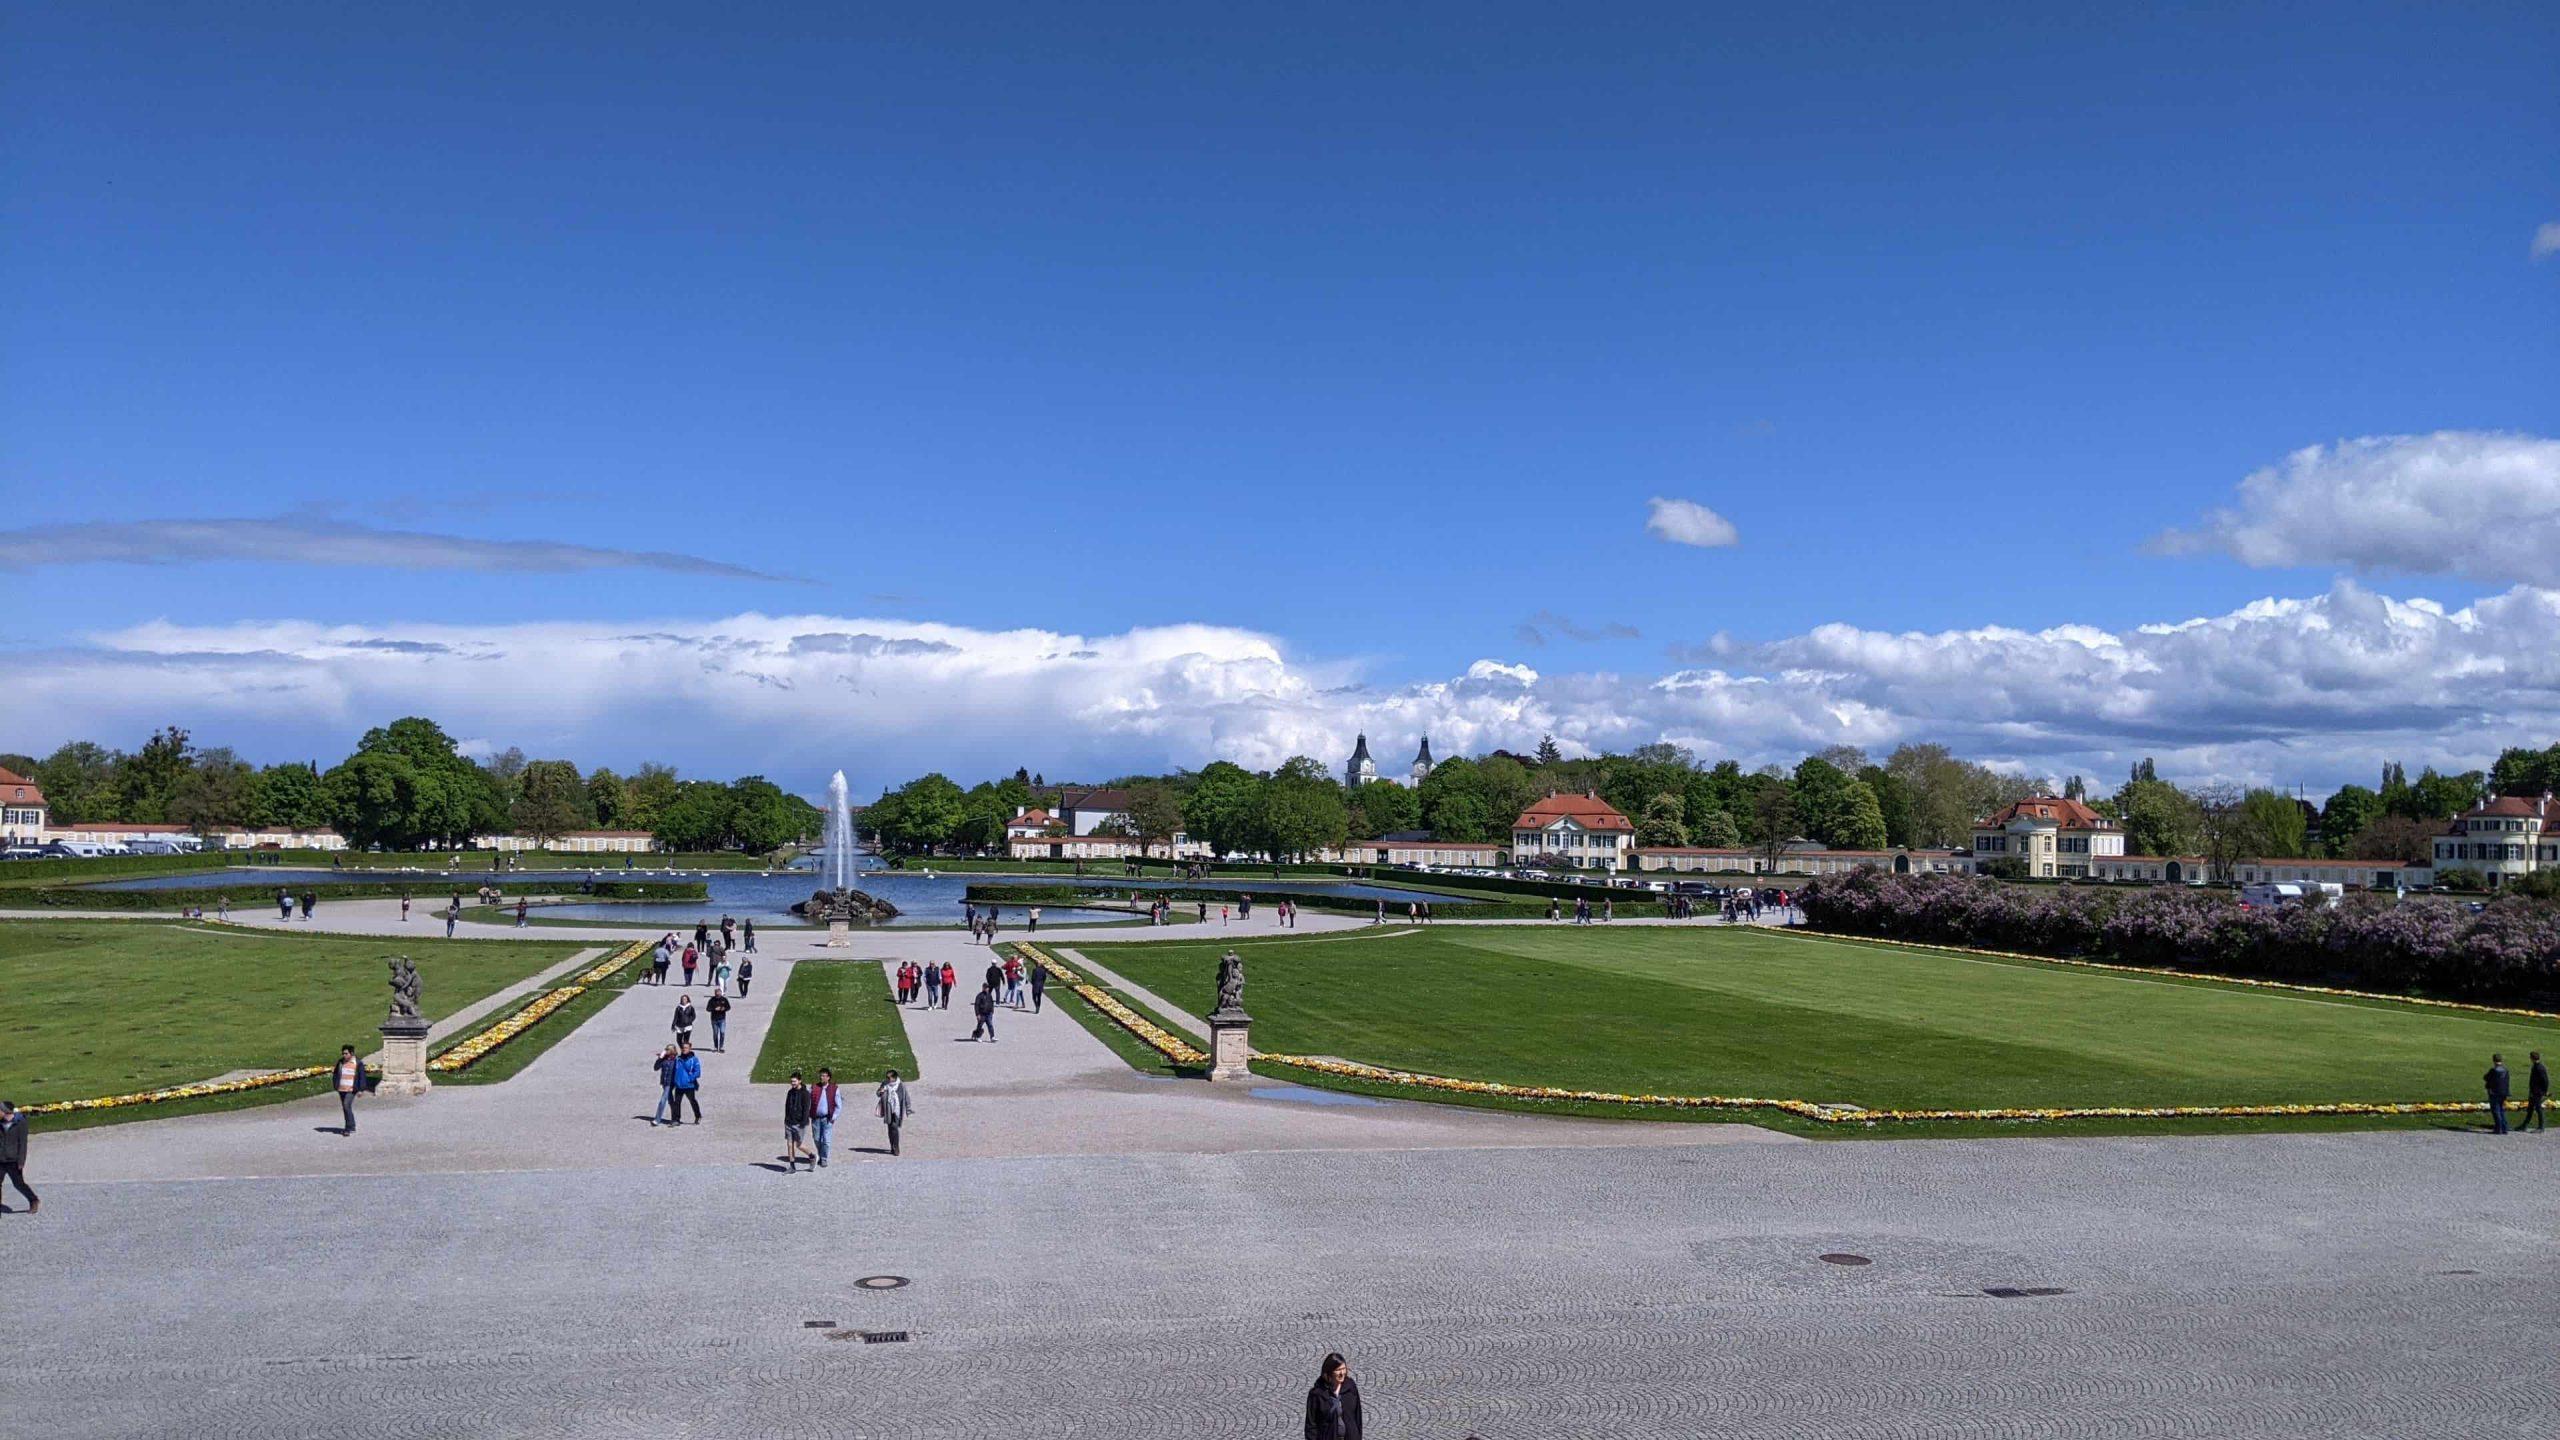 ニンフェンブルク宮殿